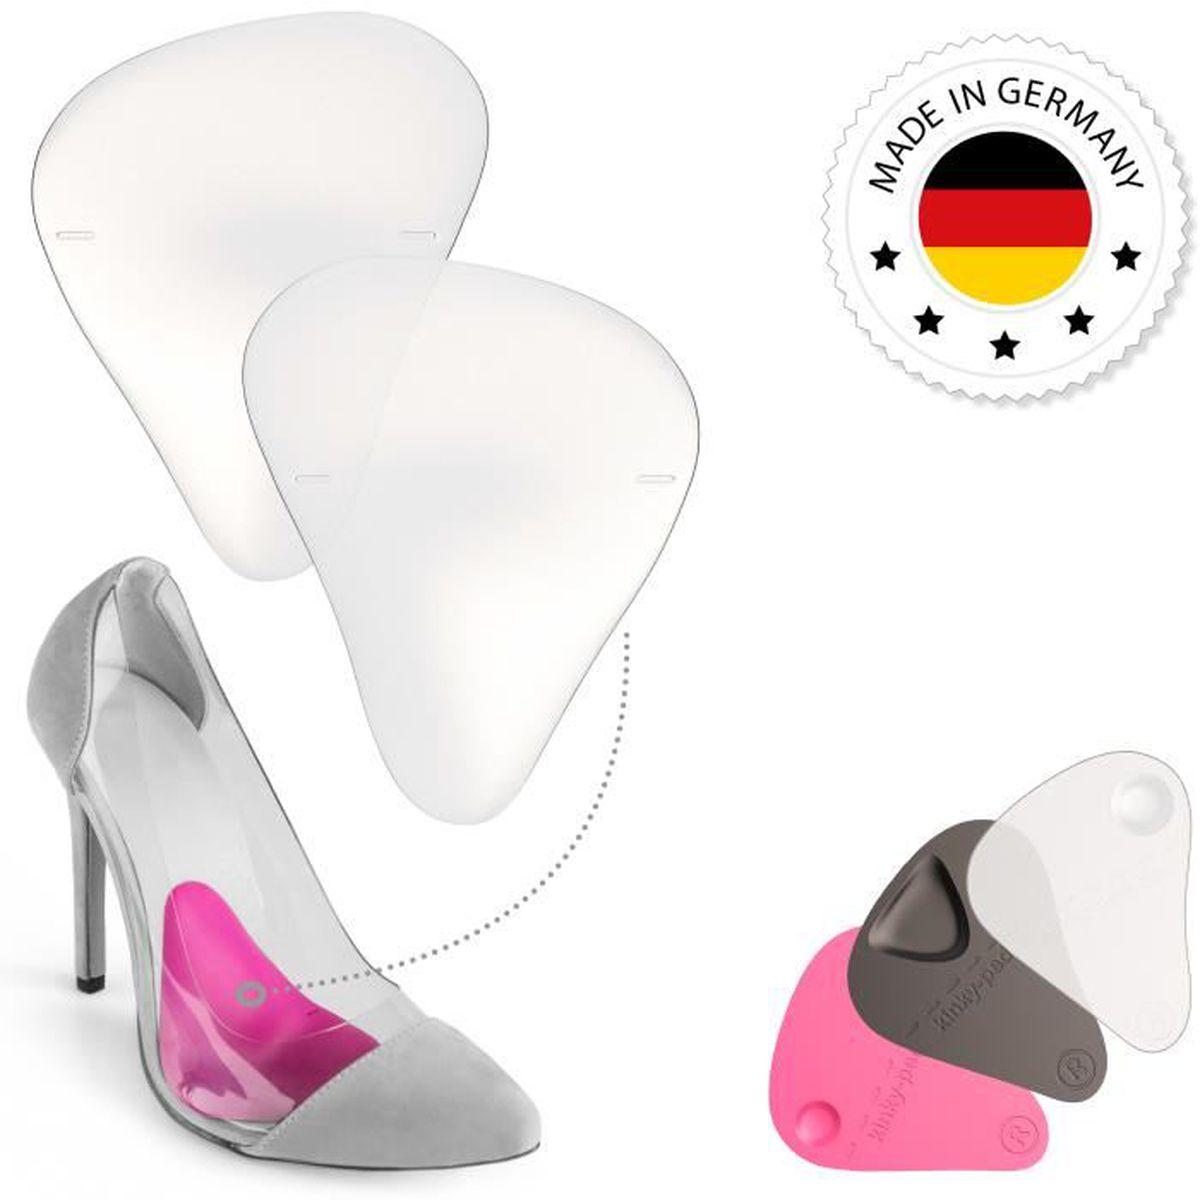 97ba6cf5e6740e Demi Semelle de Chaussure à Talon hauts aiguille - Coussinets en Silicone  Gel Support Voûte plantaire - EU 36 37 38 - transparent